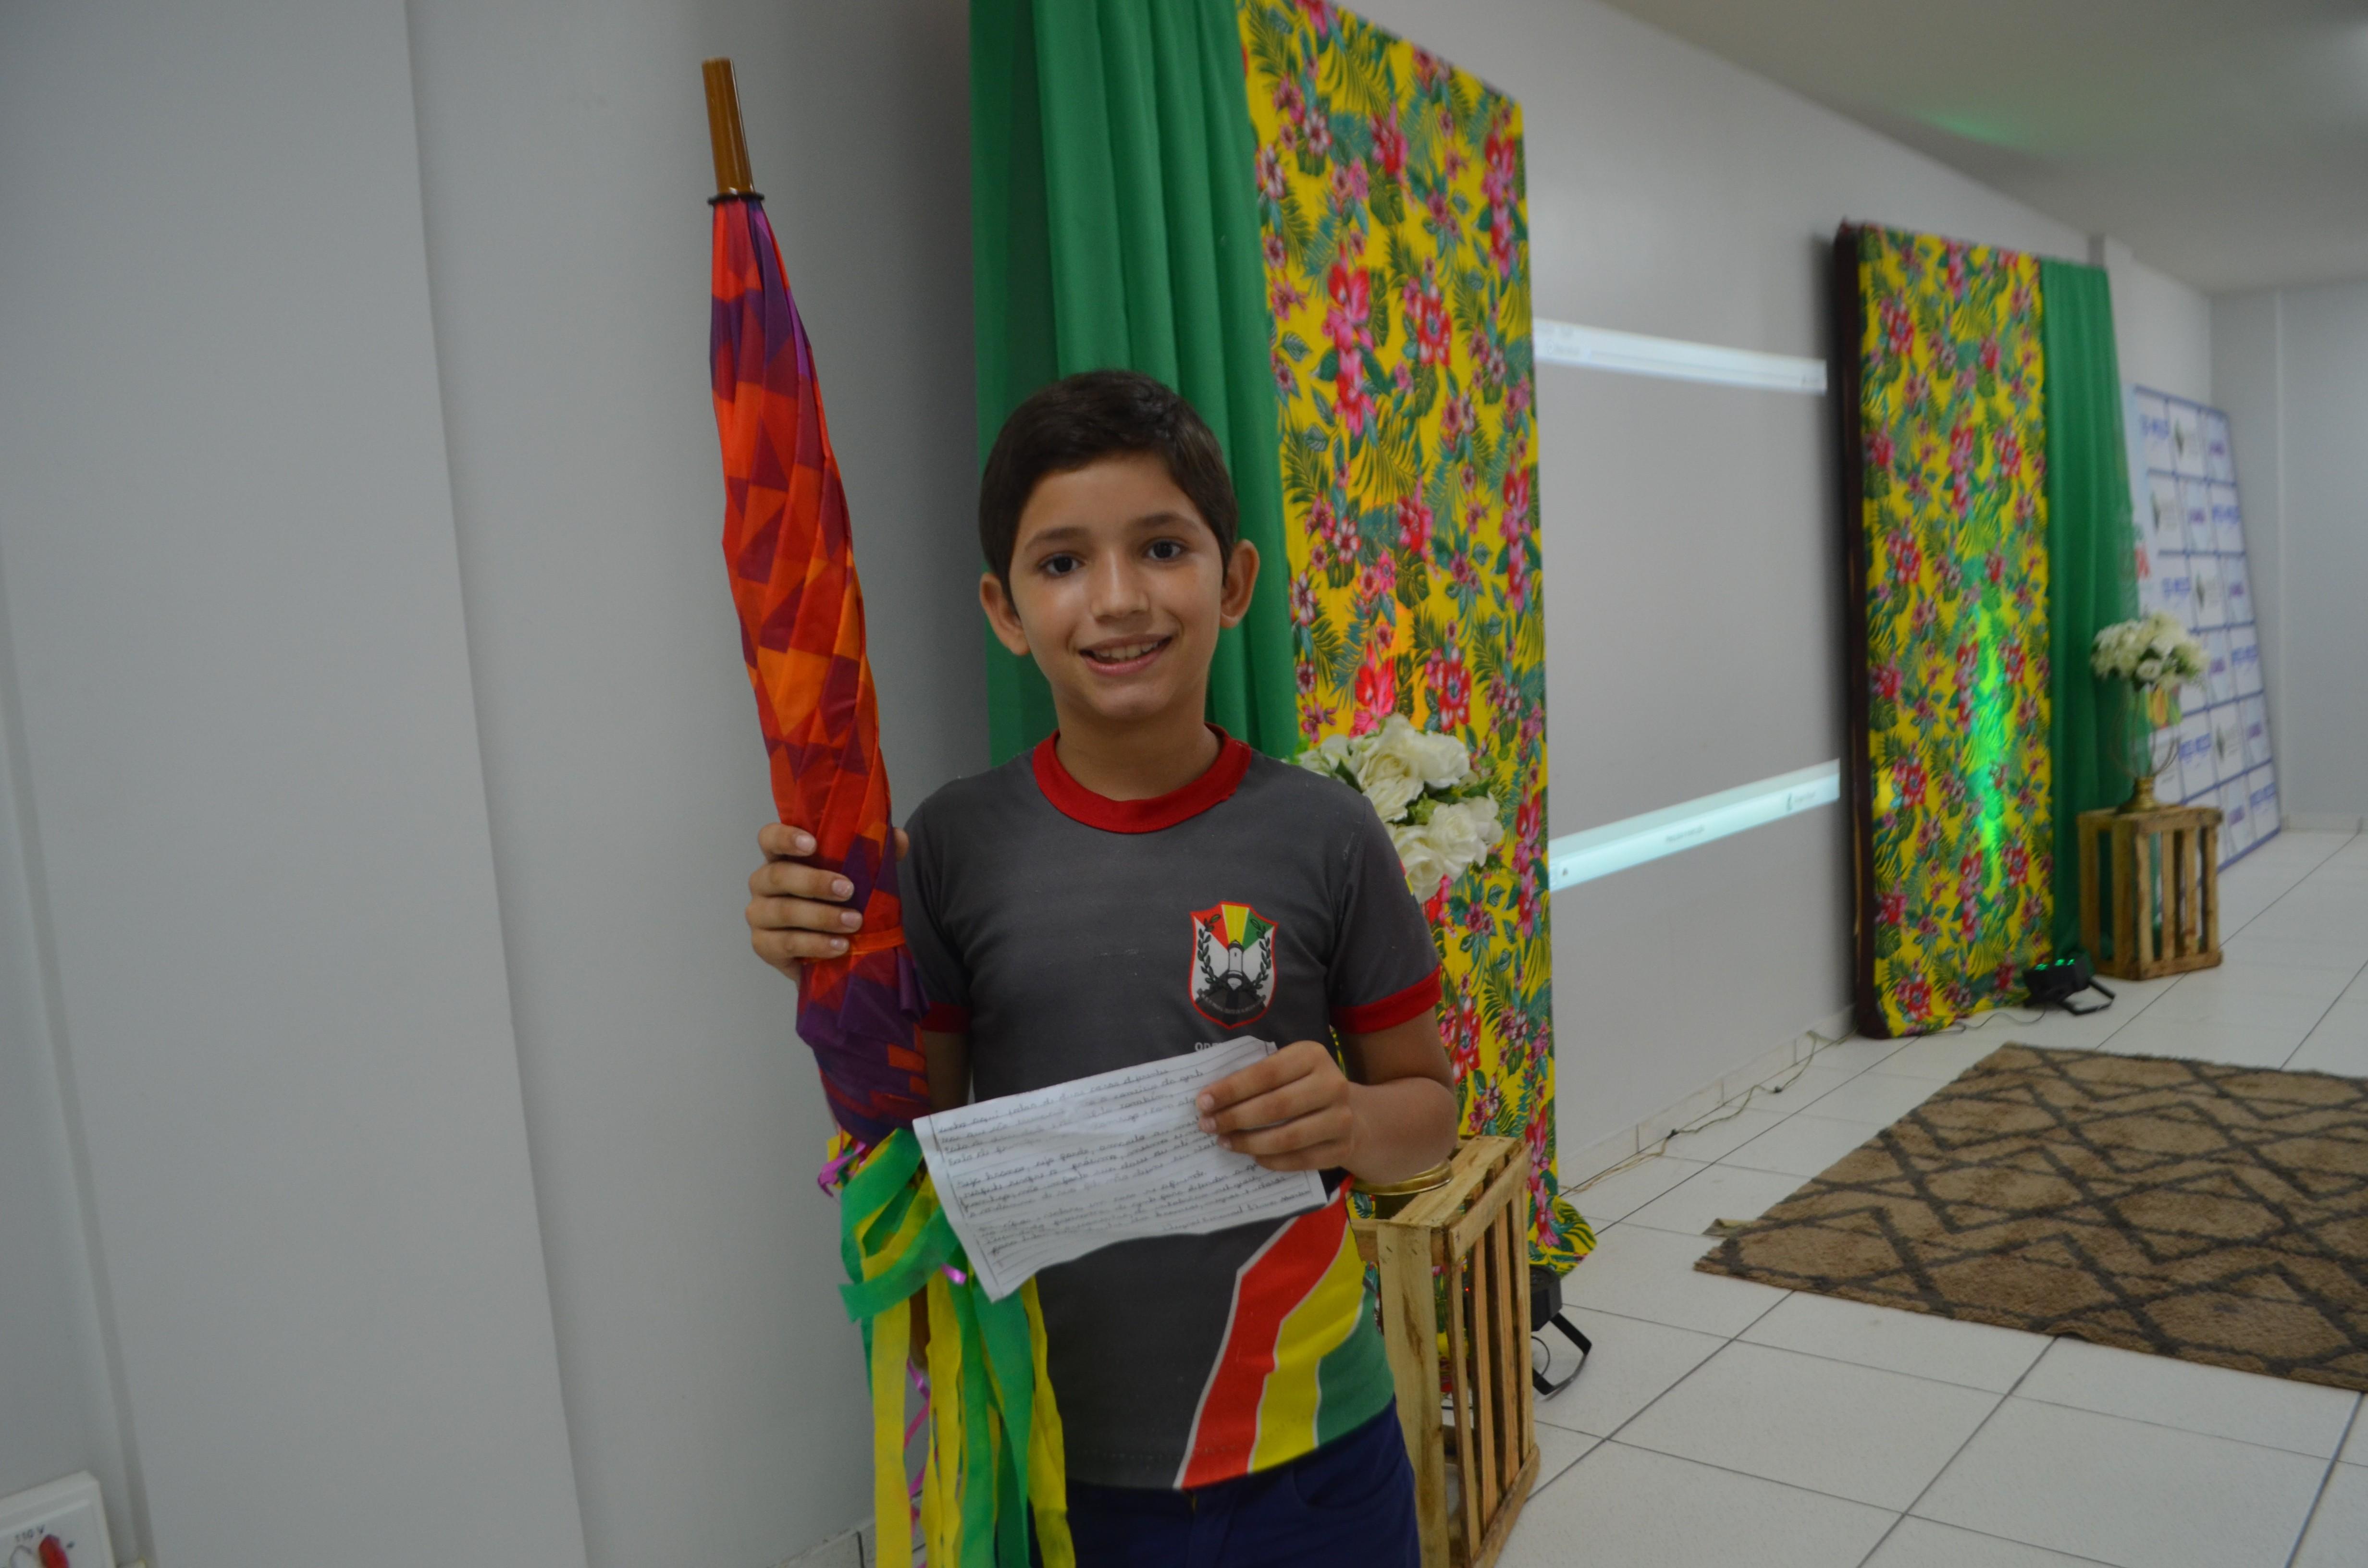 Sarau em Macapá reúne poesias de crianças sobre respeito e diversidade